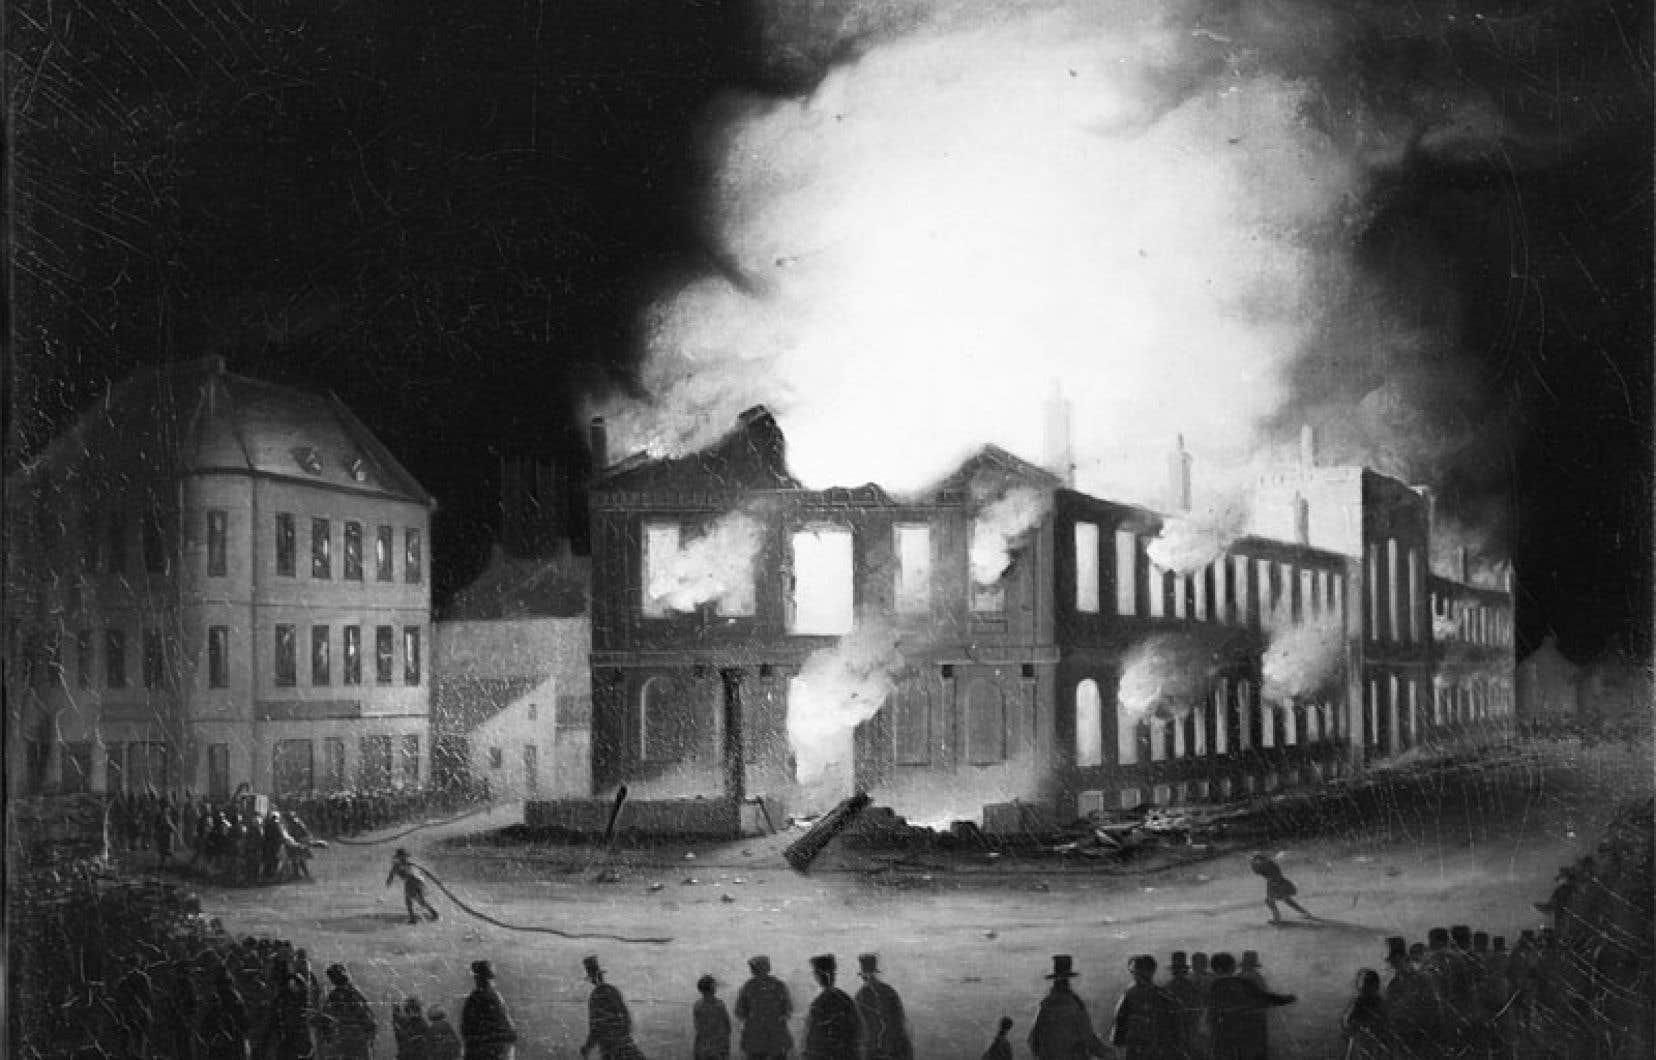 <div> L'enseignement de l'histoire culturelle, économique et sociale, bien sûr, mais aussi de l'histoire politique, est une condition de la vitalité démocratique d'une nation. Ci-dessus: l'incendie du Parlement du Canada-Uni à Montréal, en 1849.</div>